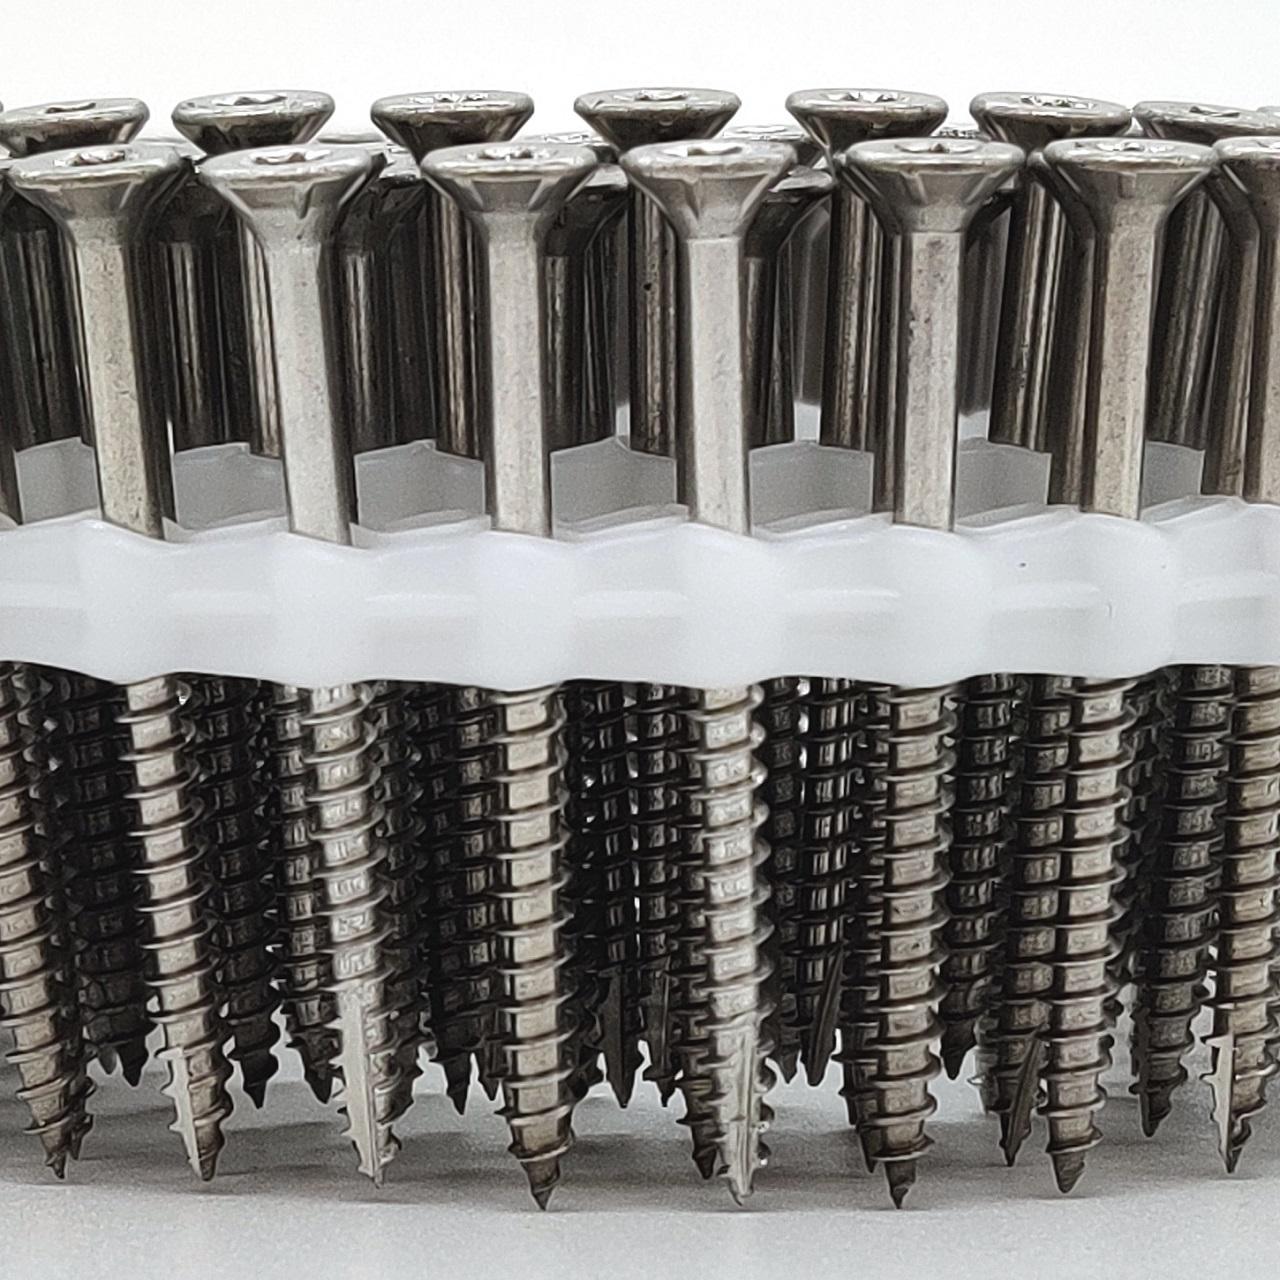 Coil Universalschrauben | rostfrei A4 | Teilgewinde | 5,0x70